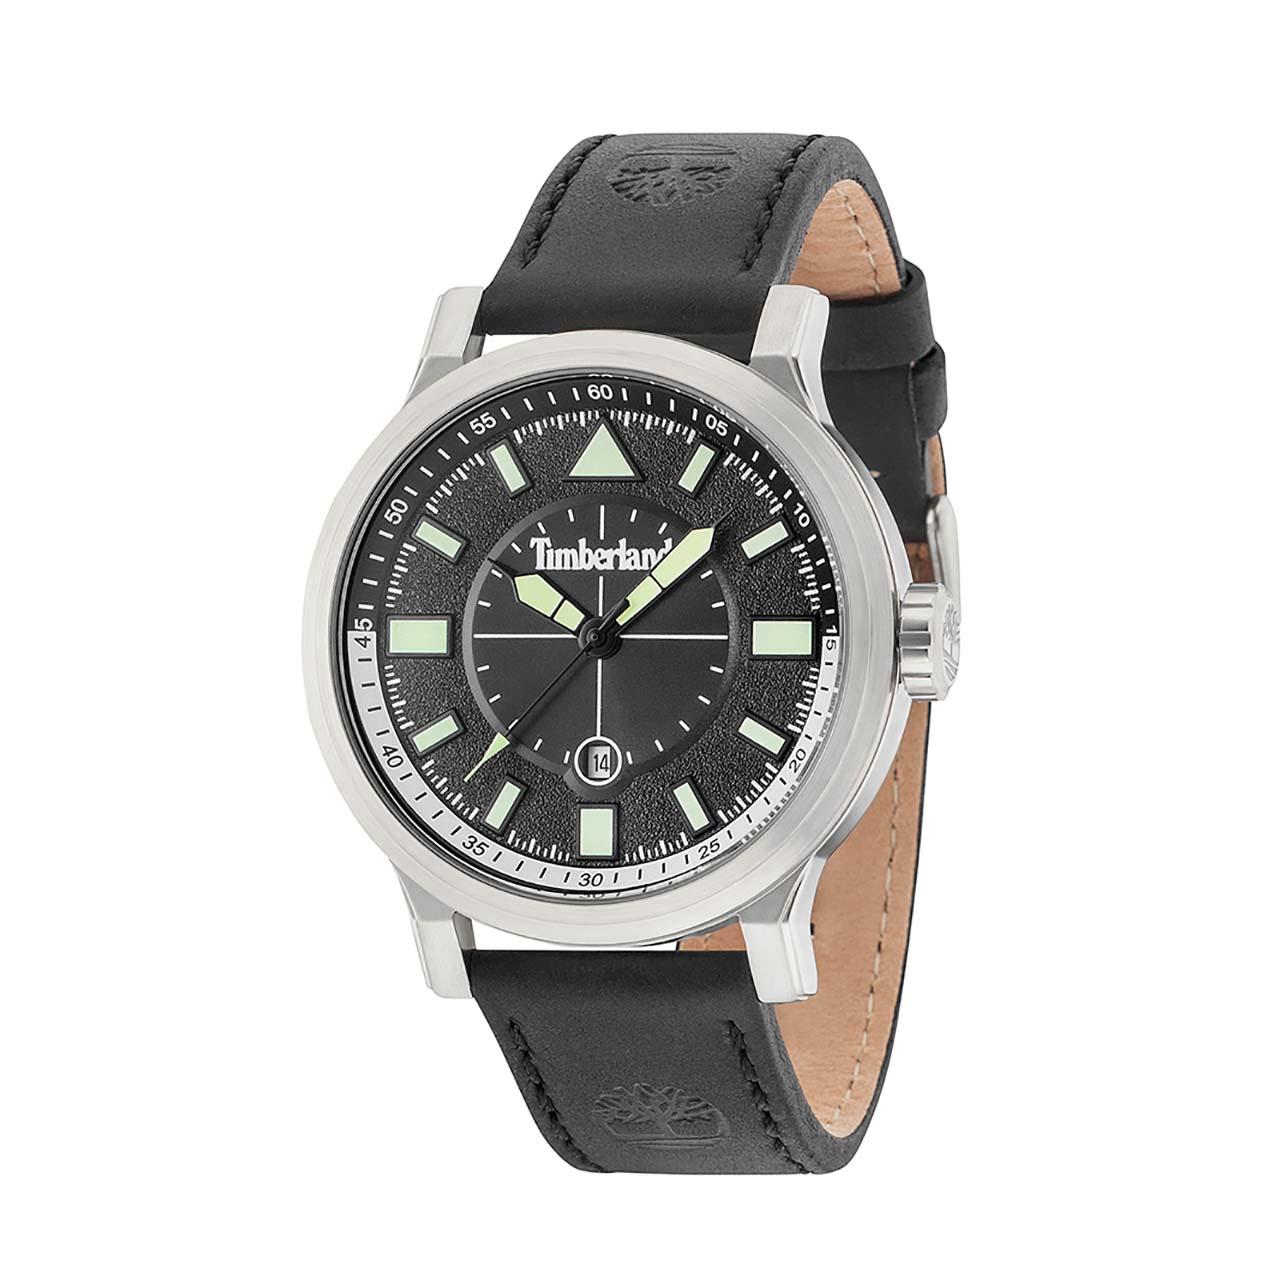 ساعت مچی عقربه ای مردانه تیمبرلند مدل TBL15248JS-02